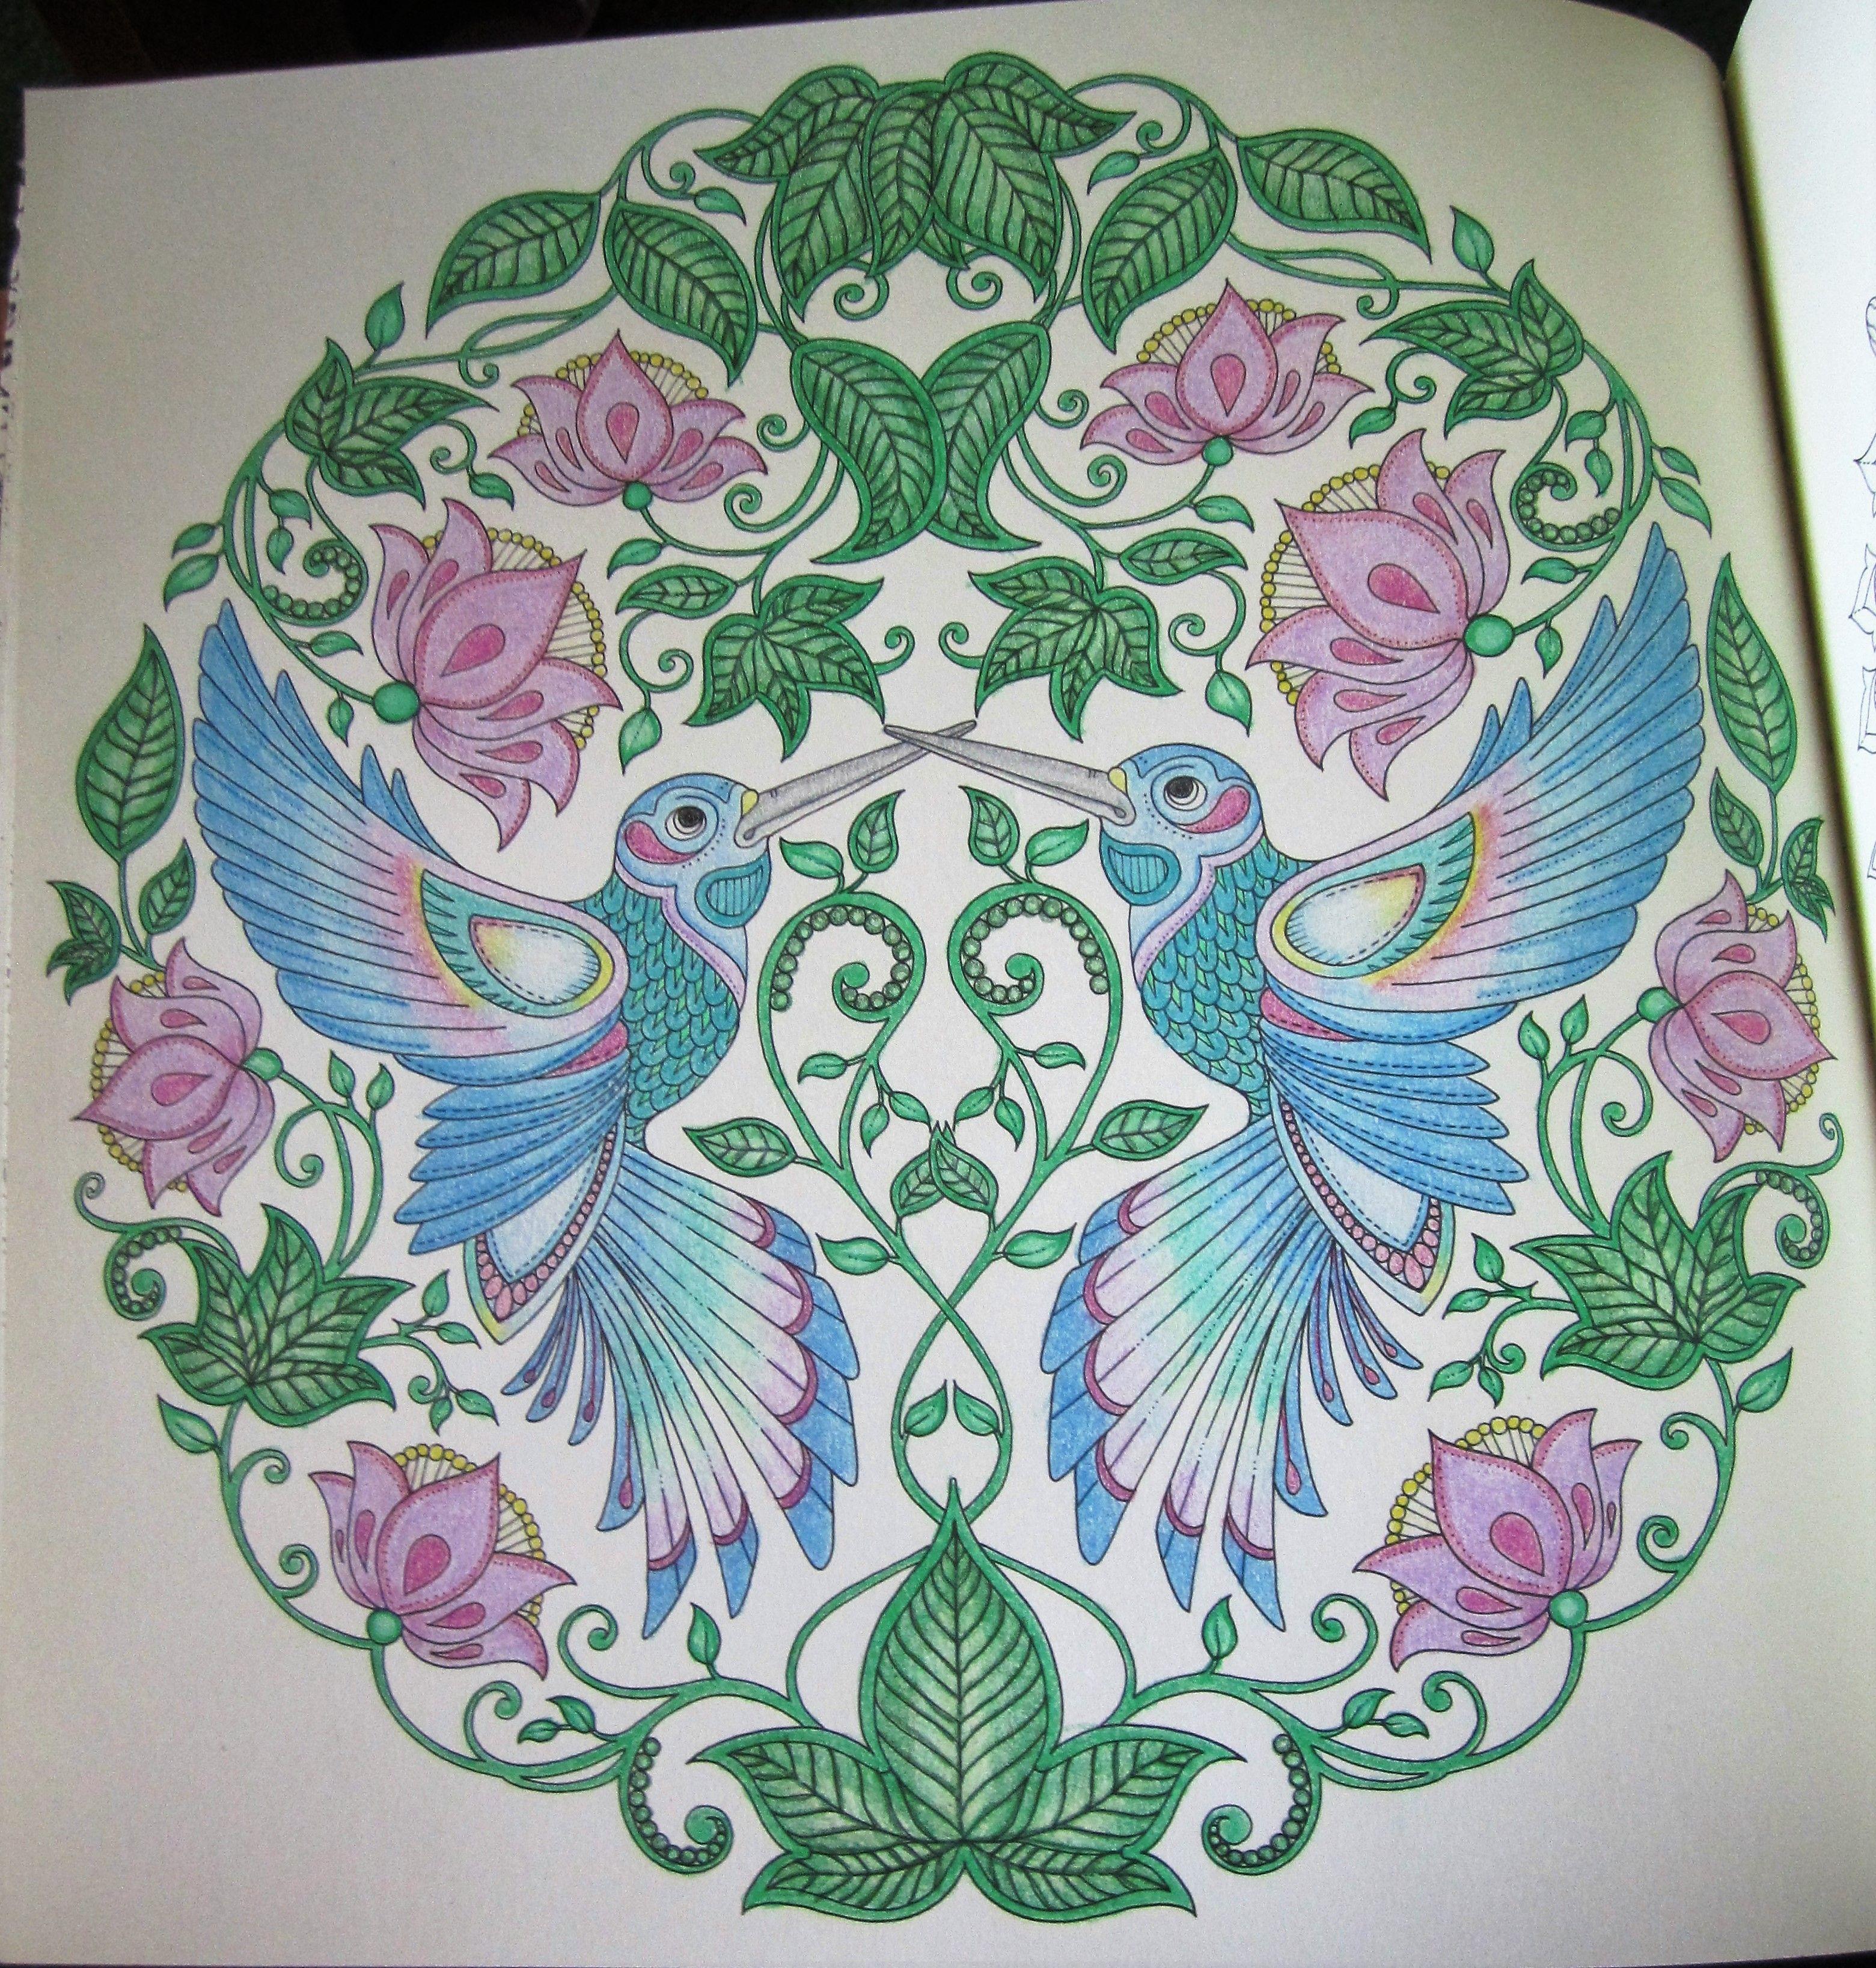 Hummingbirds From Secret Garden Johanna Basford Coloring Secret Garden Coloring Book Basford Coloring